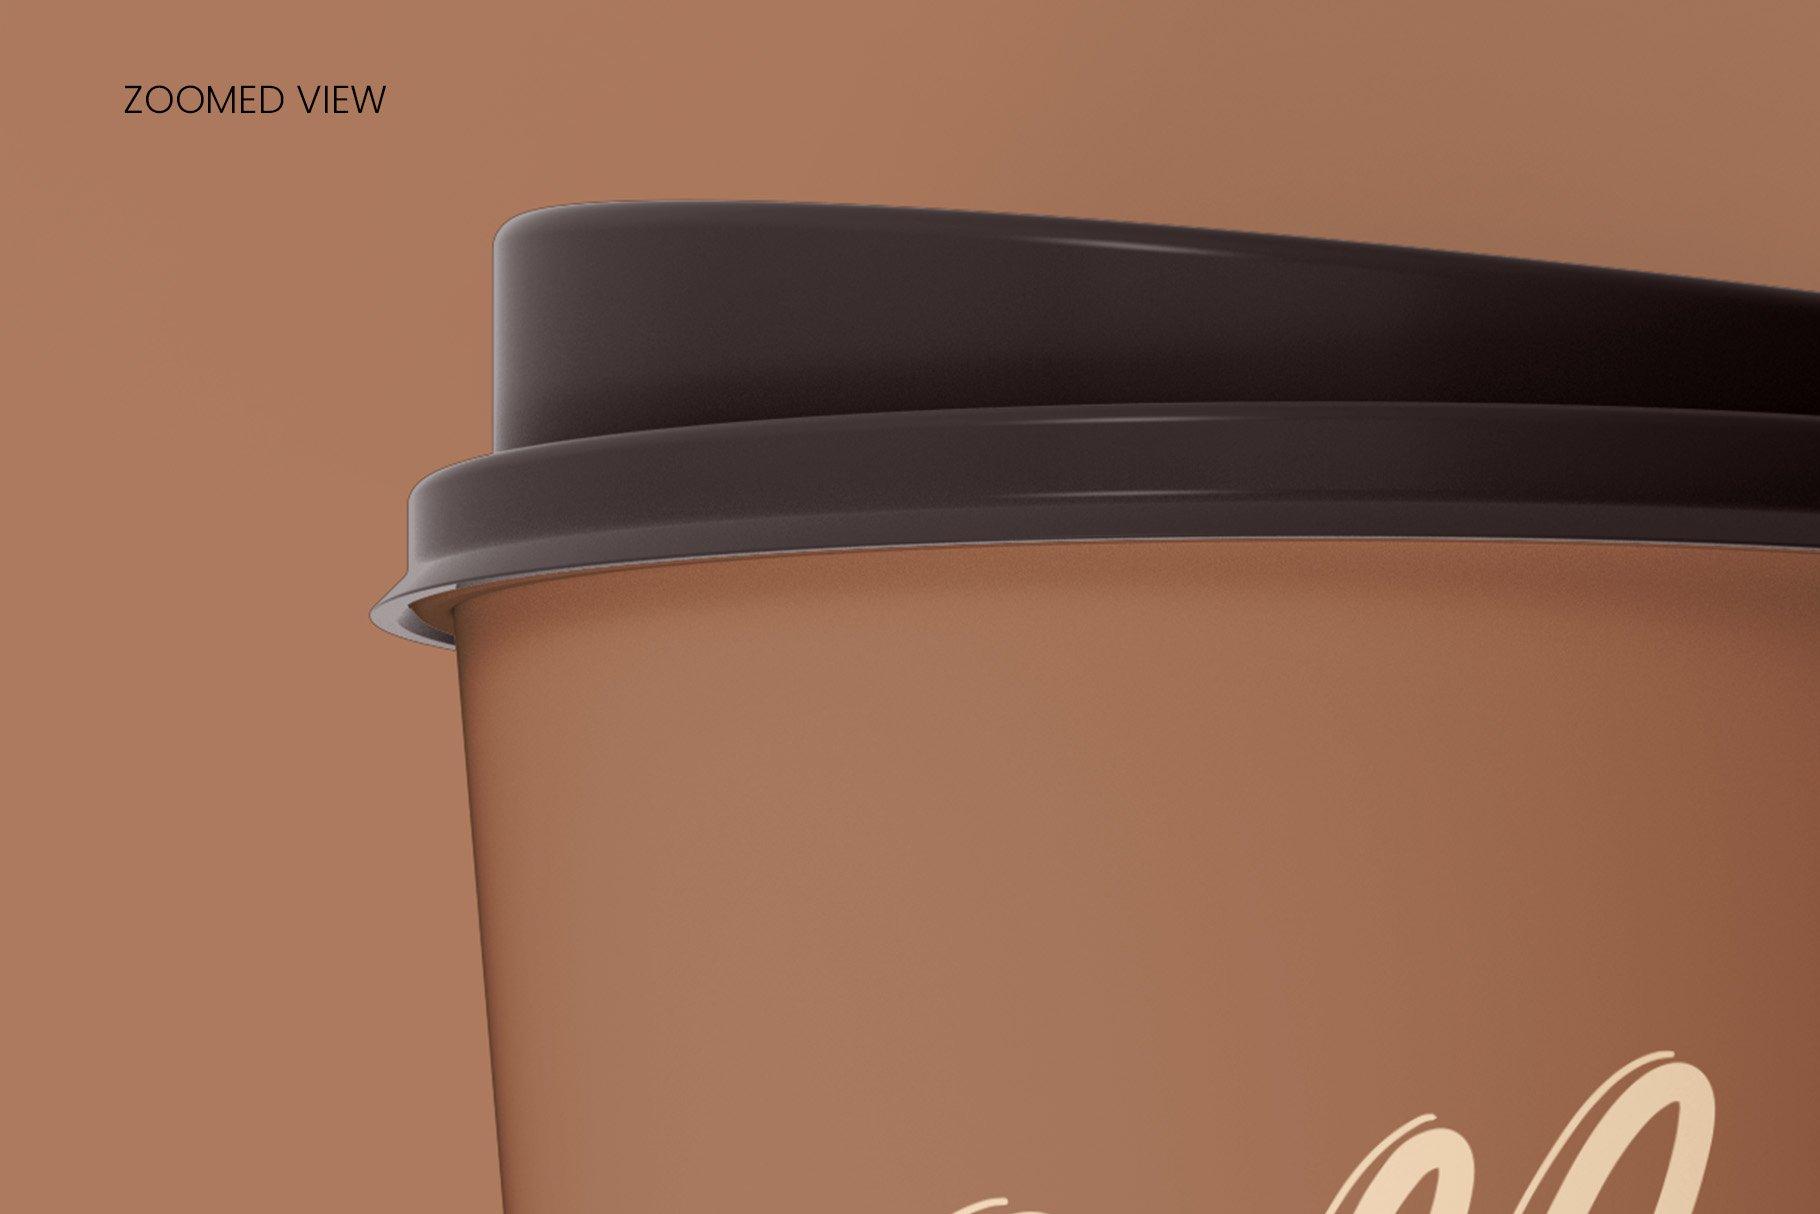 8个一次性咖啡外卖纸杯设计贴图样机模板 Coffee Cup Mockup – 8 views插图14